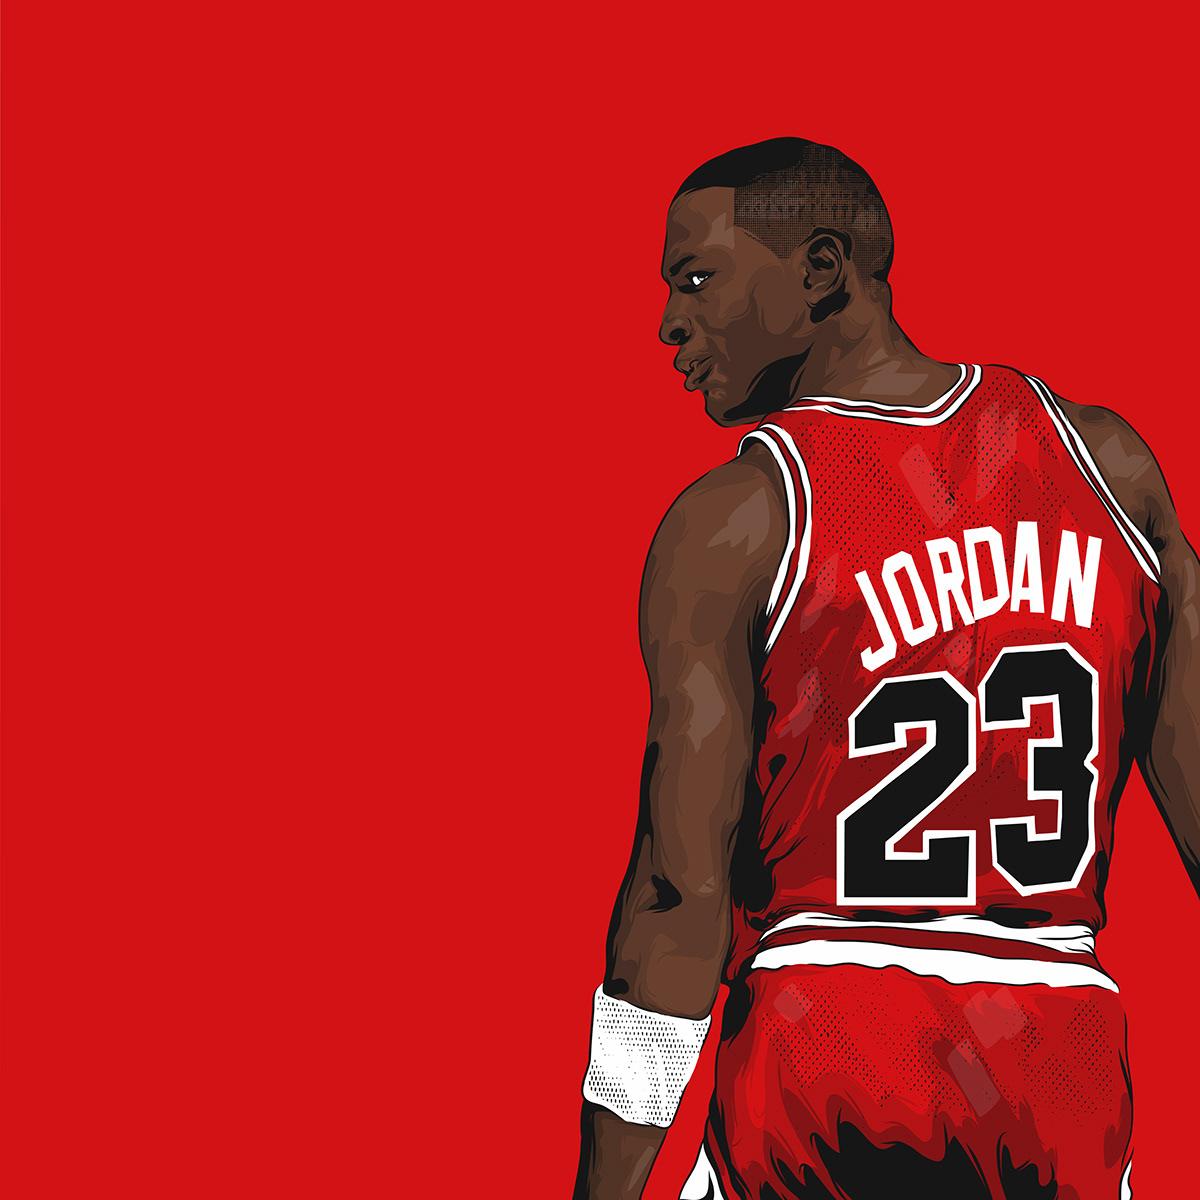 MJ THE GOAT on Behance